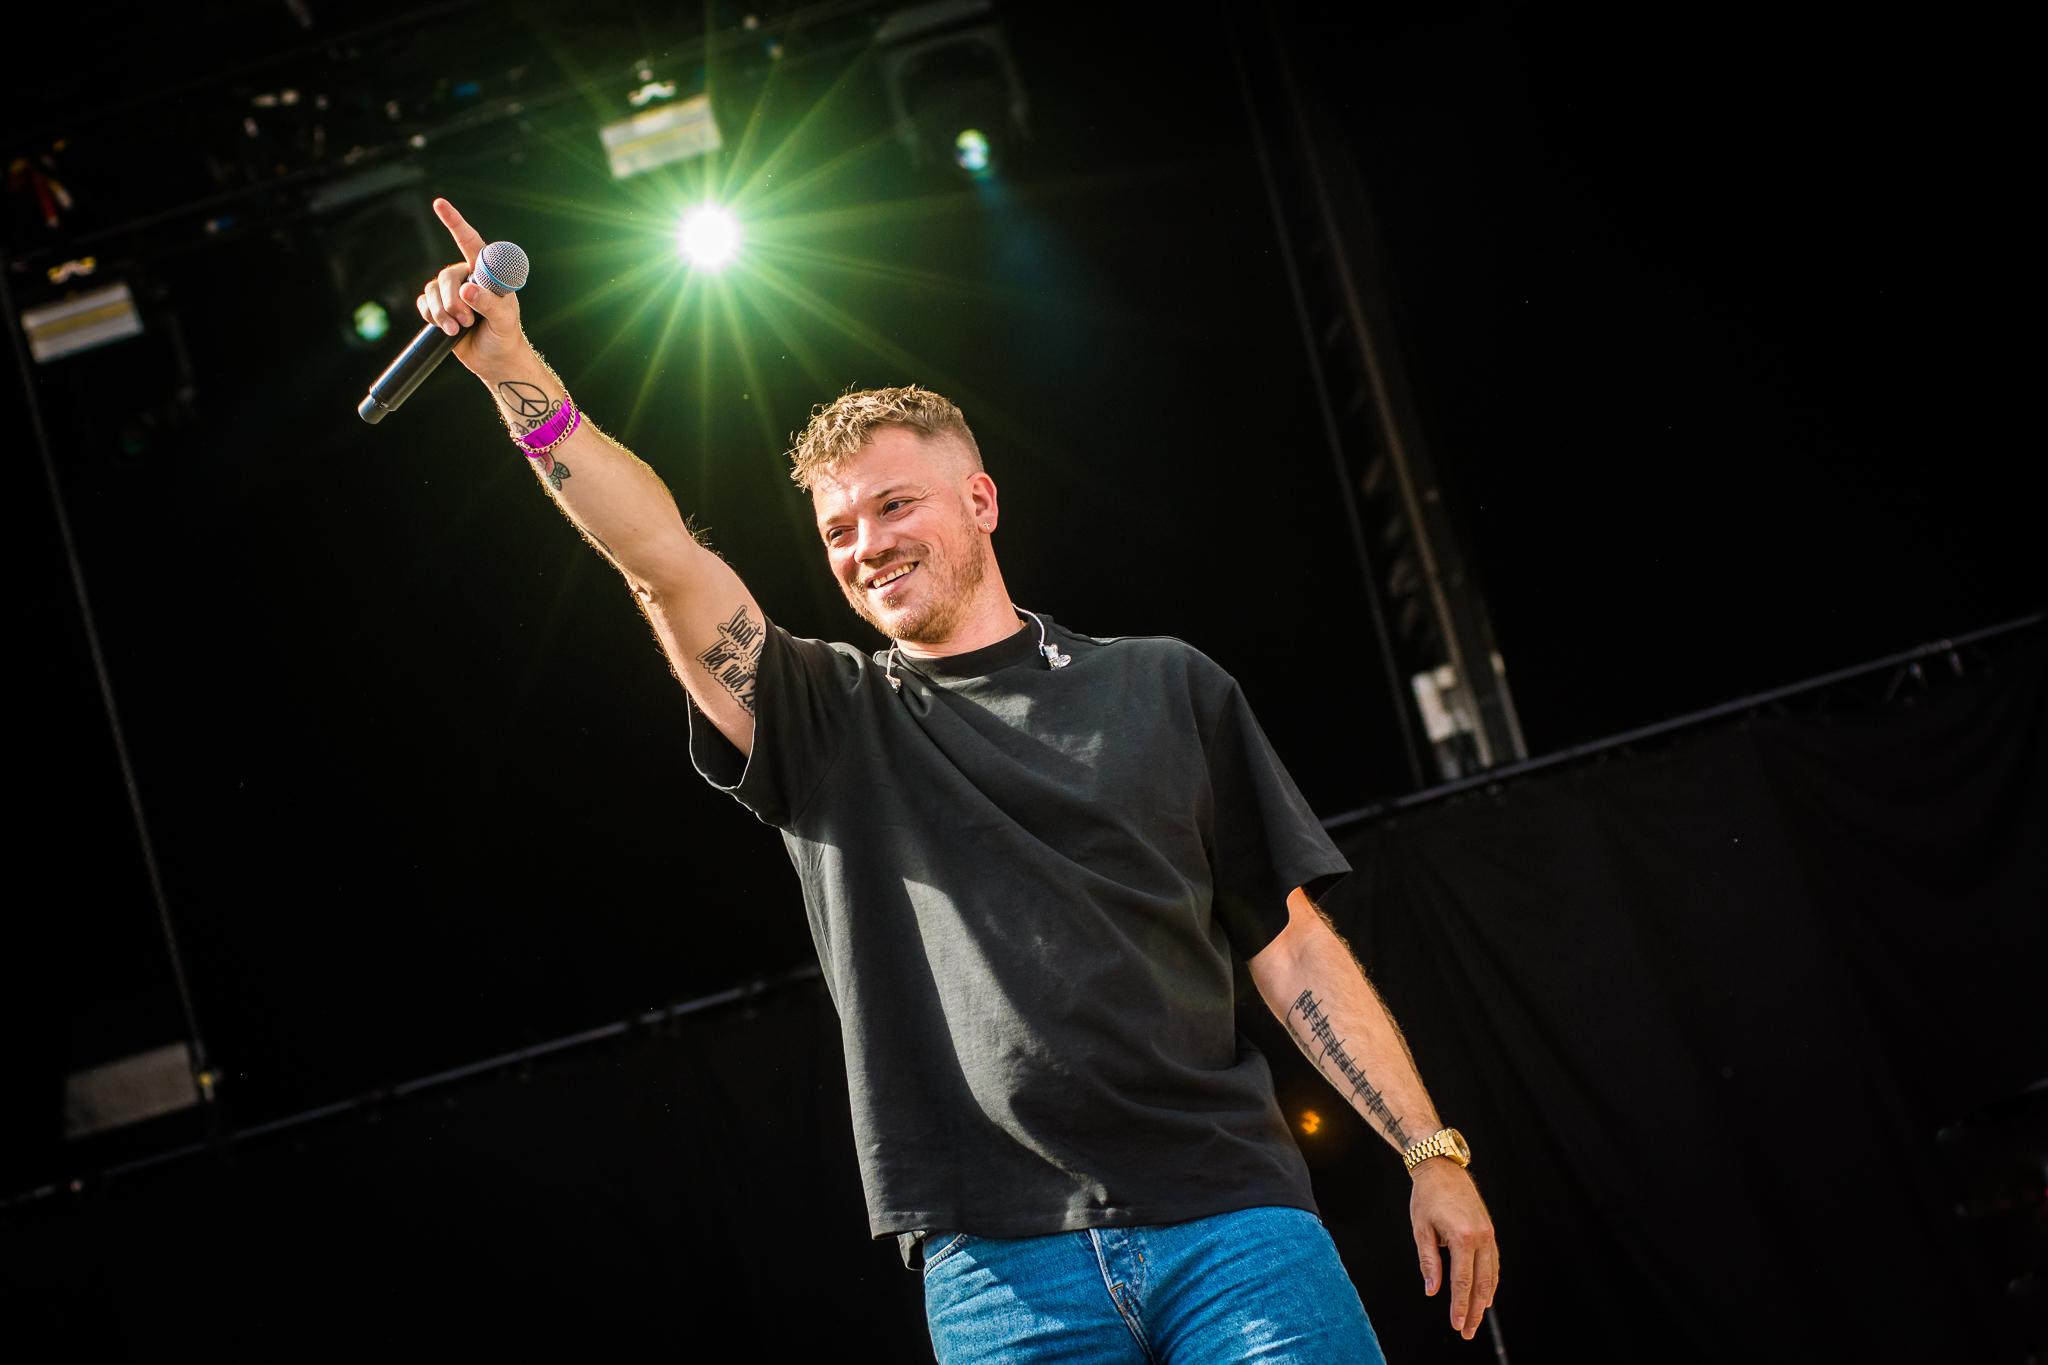 Gers Pardoel @ Suikerrock 2018 (© Timmy Haubrechts)